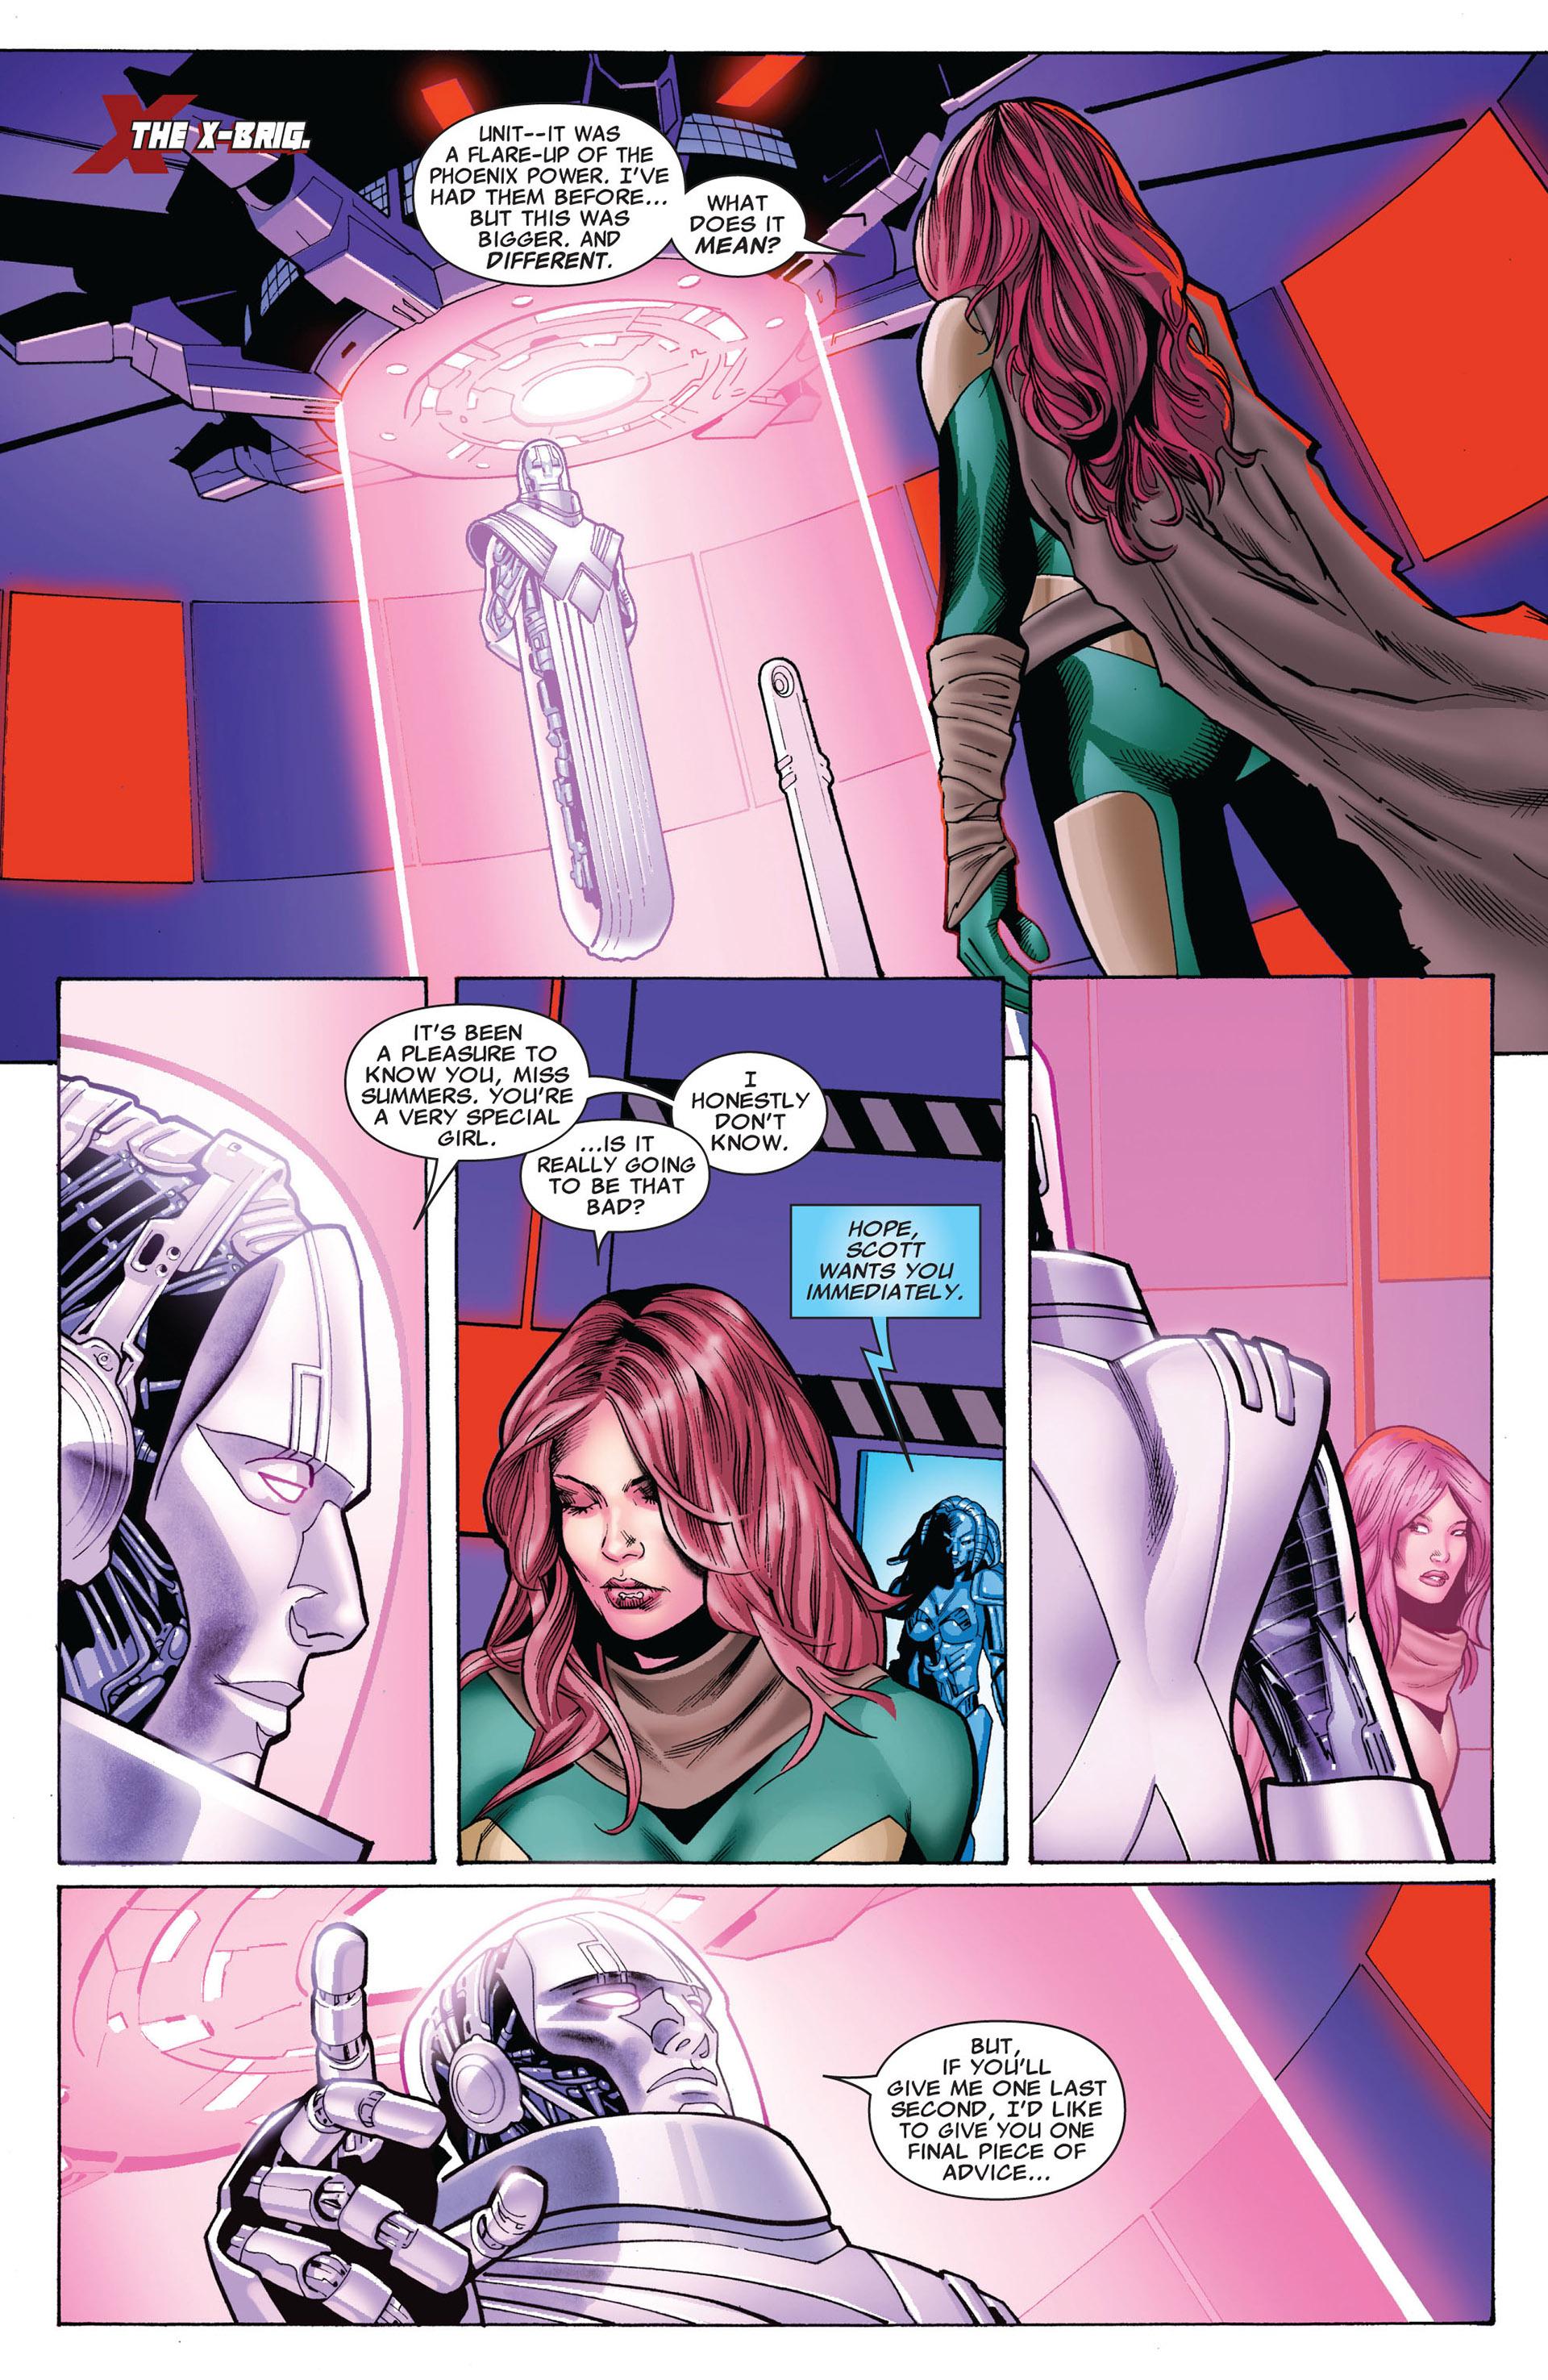 Read online Uncanny X-Men (2012) comic -  Issue #11 - 5